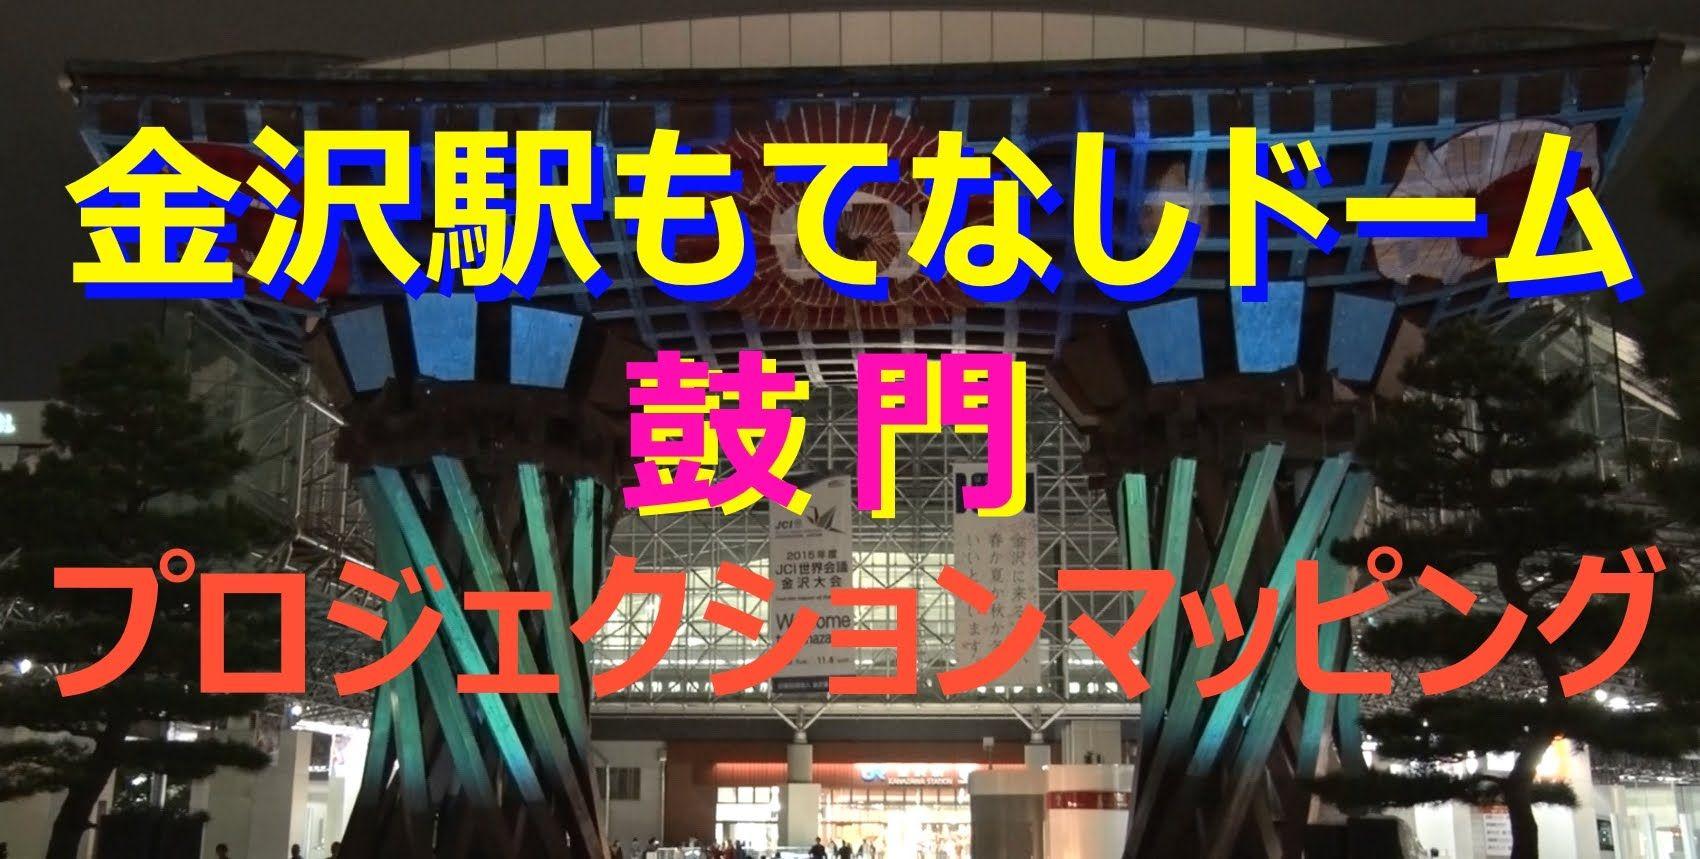 """【散策物語】 金沢駅「鼓門」プロジェクションマッピング2015 """"Kanazawa sta. Projection Mapping 2015 a..."""